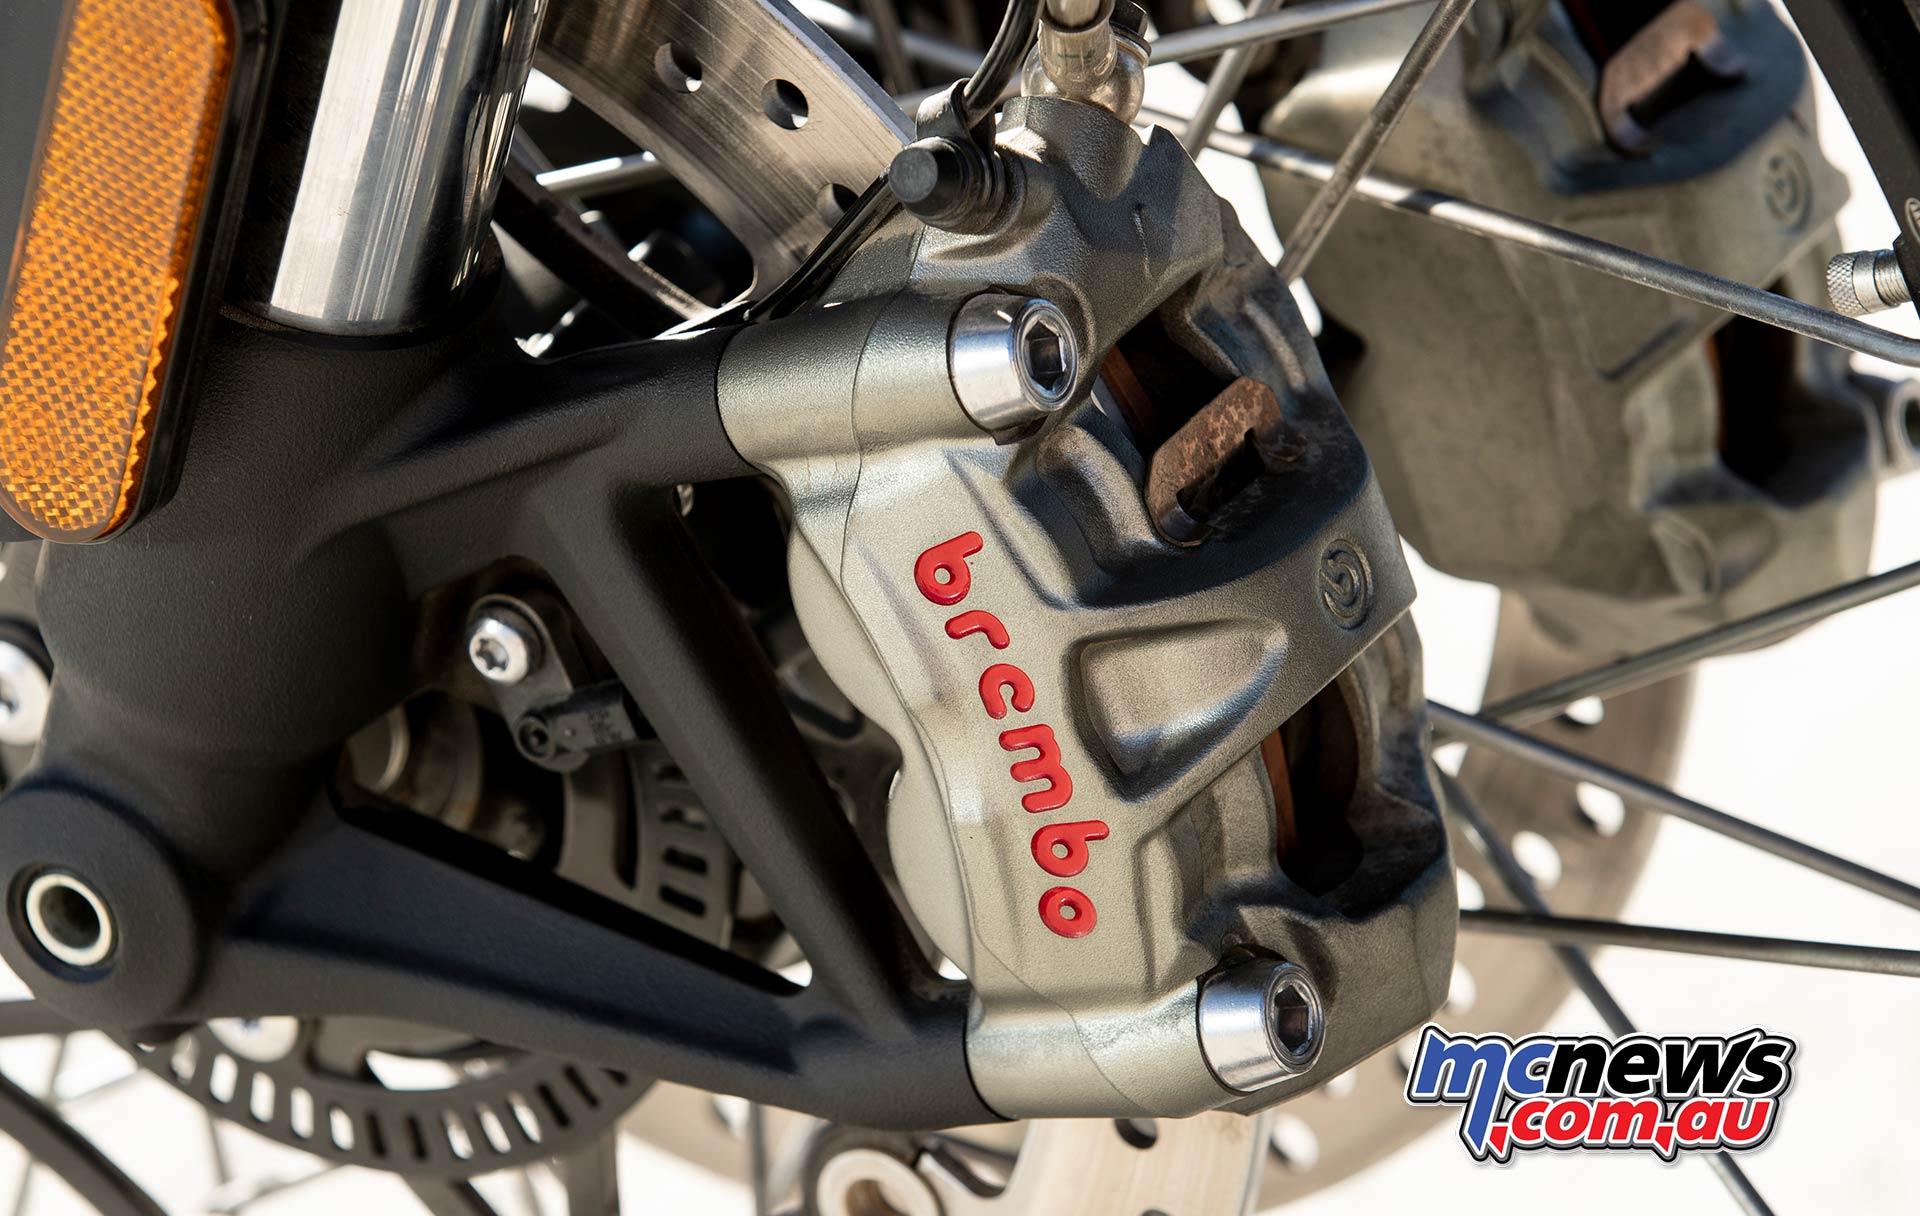 Triumph Scrambler XC Brakes